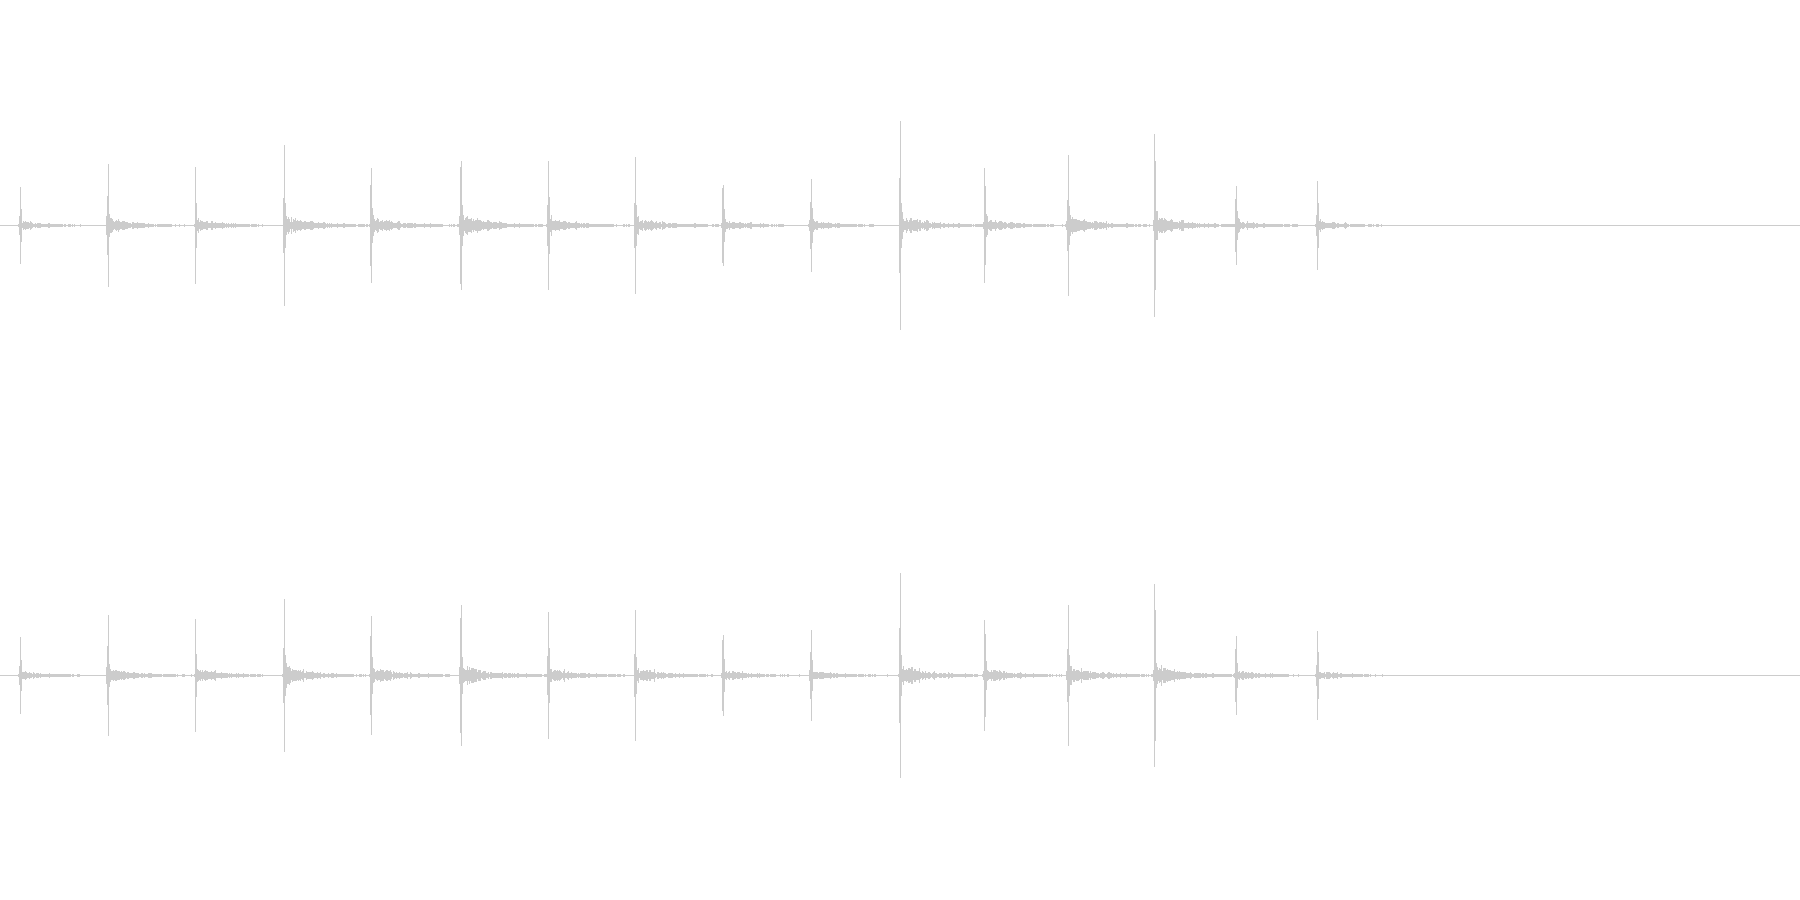 足音(ホラー)の未再生の波形